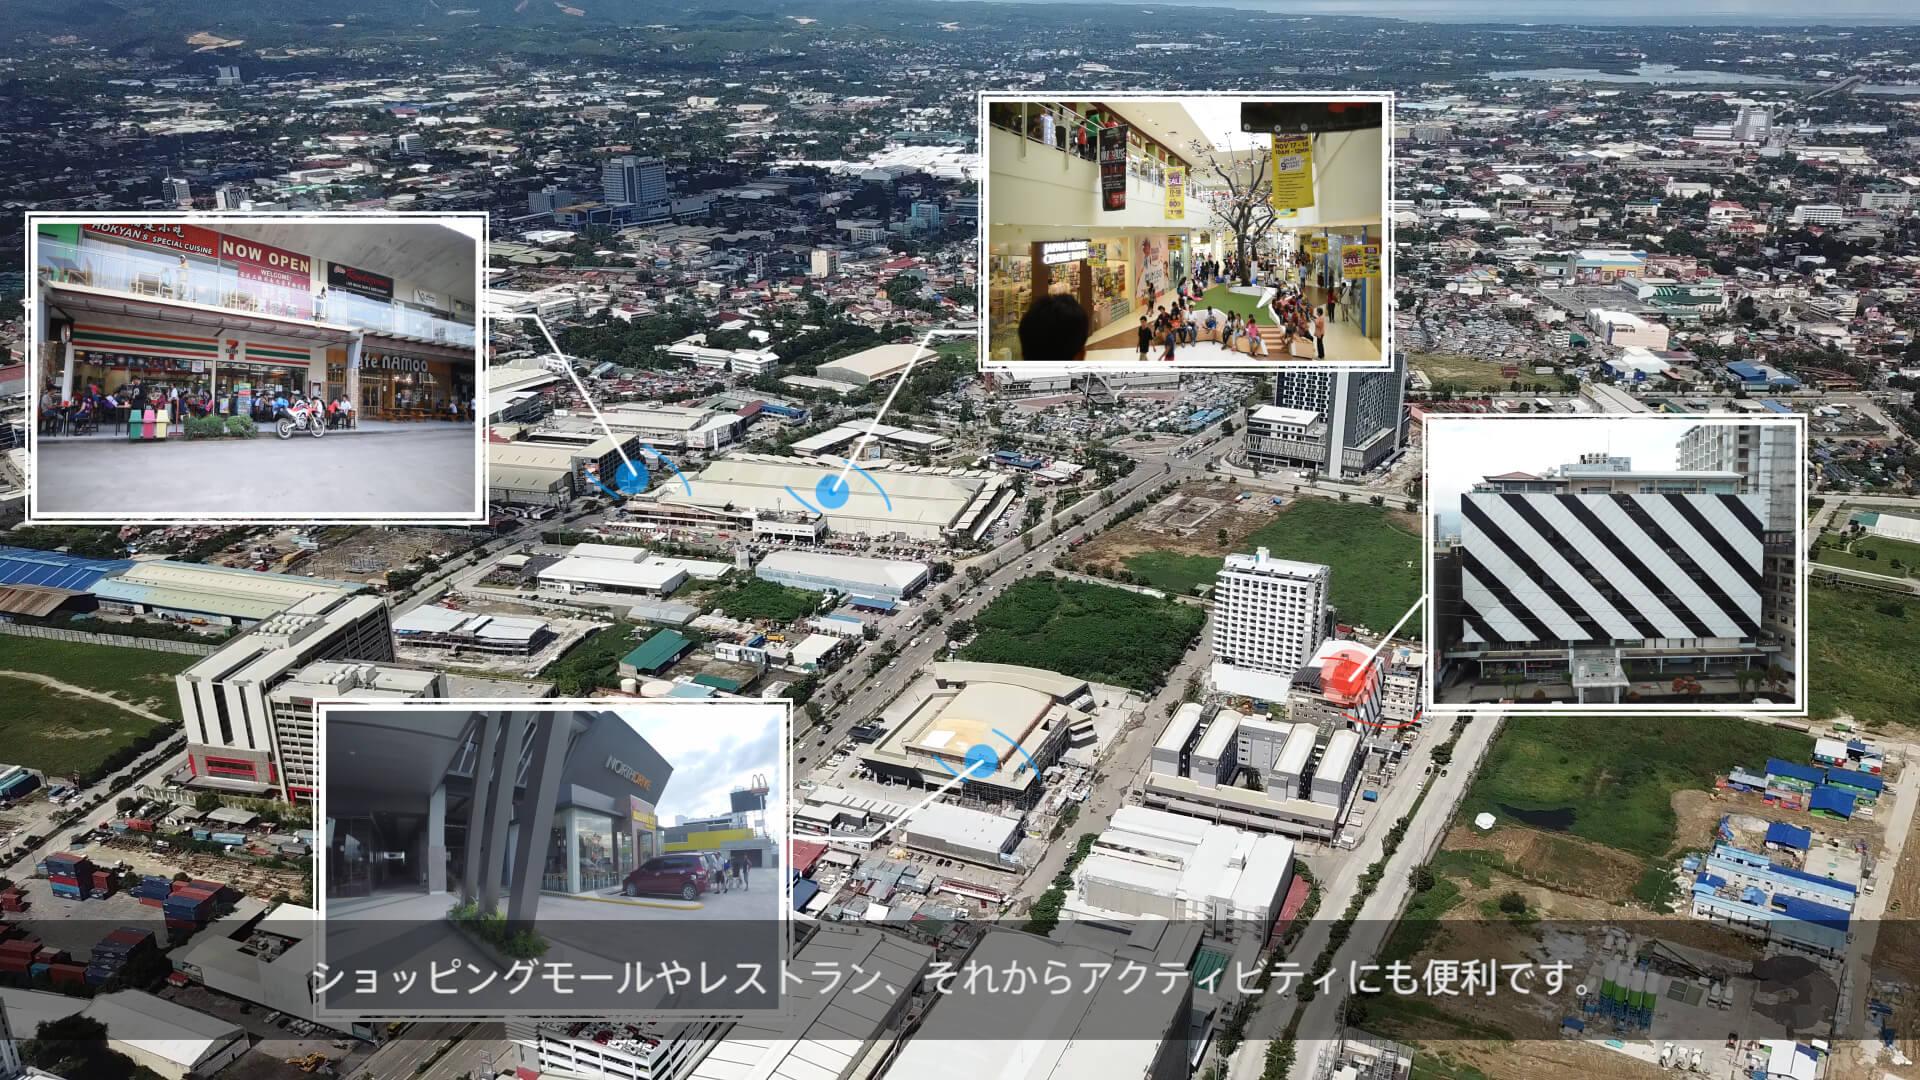 ドローン空撮で学校周辺のショッピングモールからの距離を視覚的にわかりやすく表現